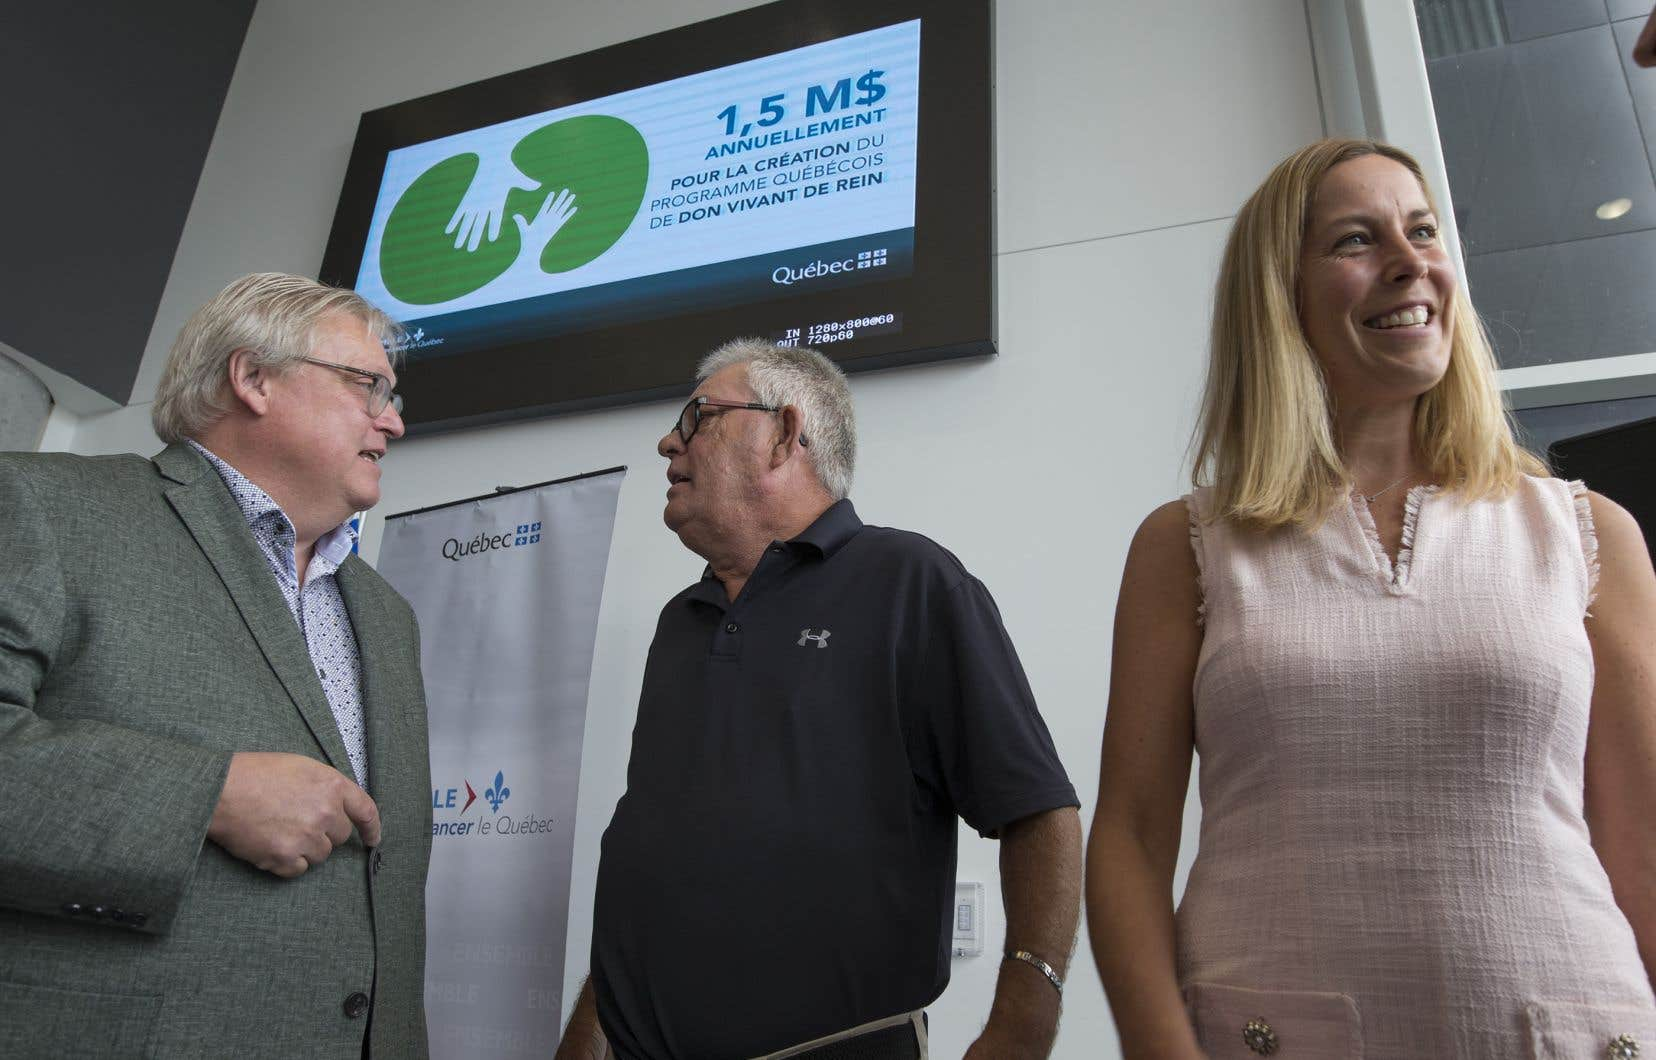 Le ministre de la Santé, Gaétan Barrette (à gauche), a annoncé la création d'un programme de don vivant de rein.